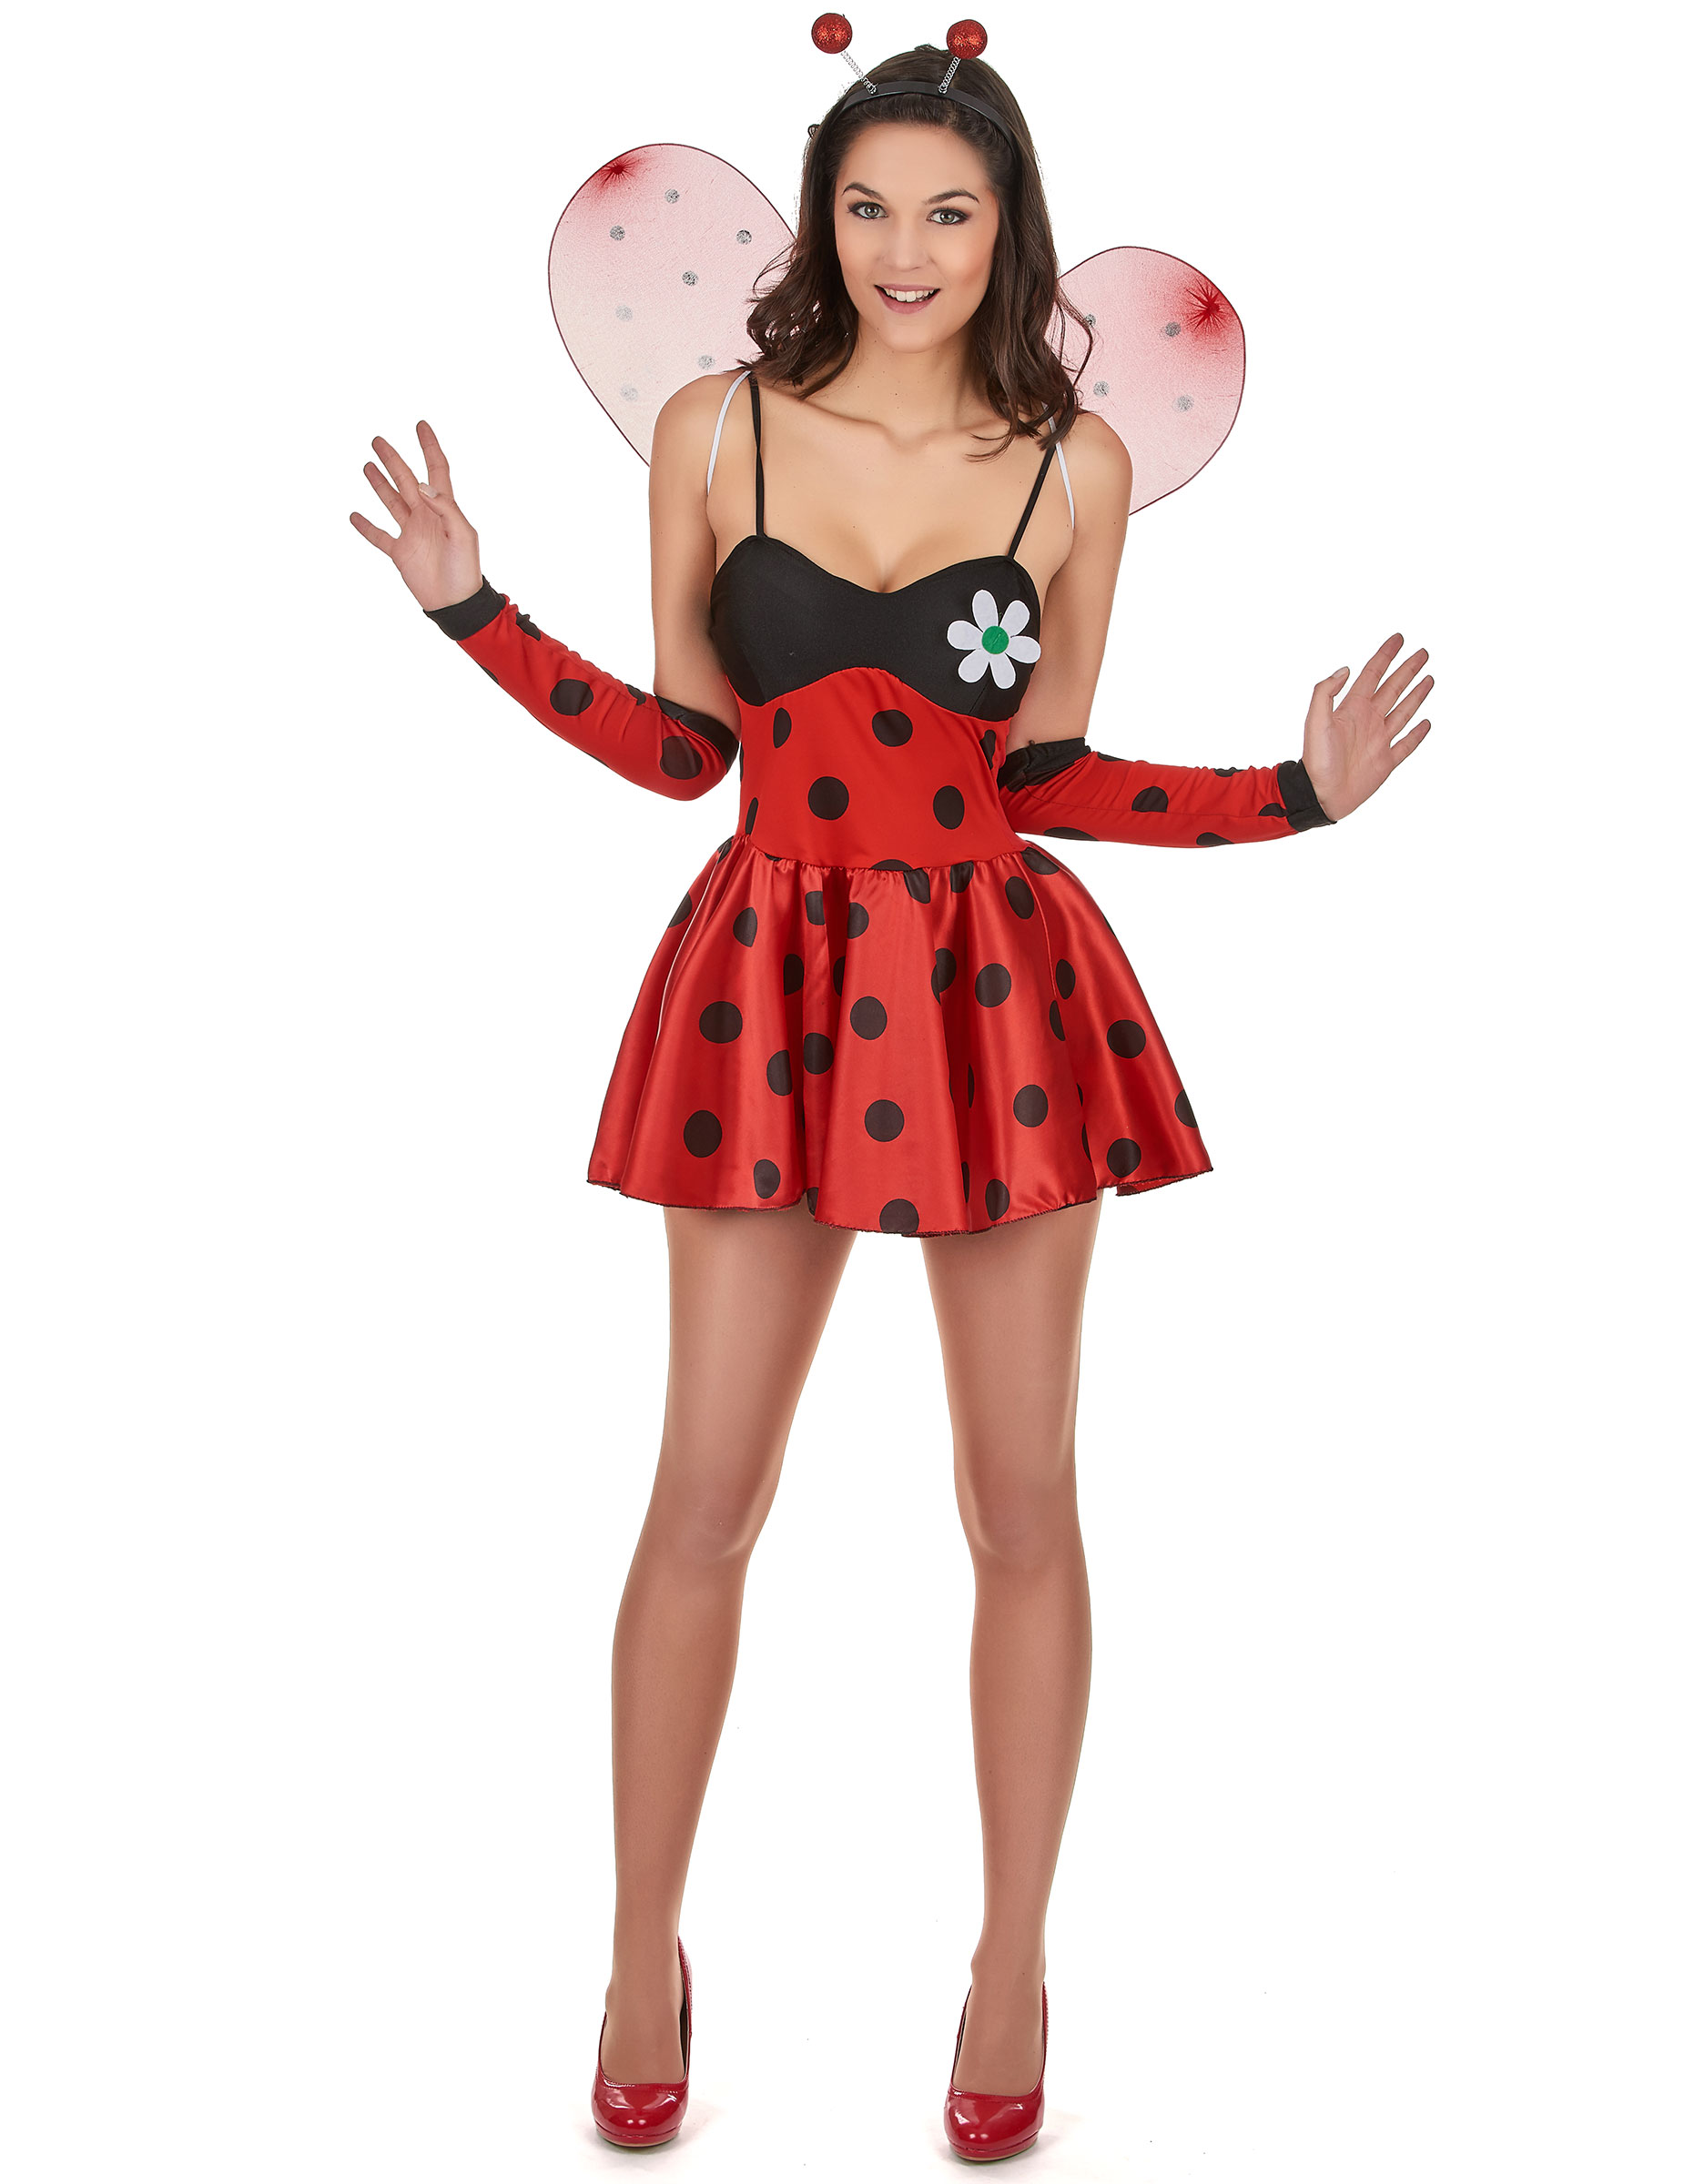 Kostuums Dames.Sexy Lieveheersbeestje Kostuum Voor Dames